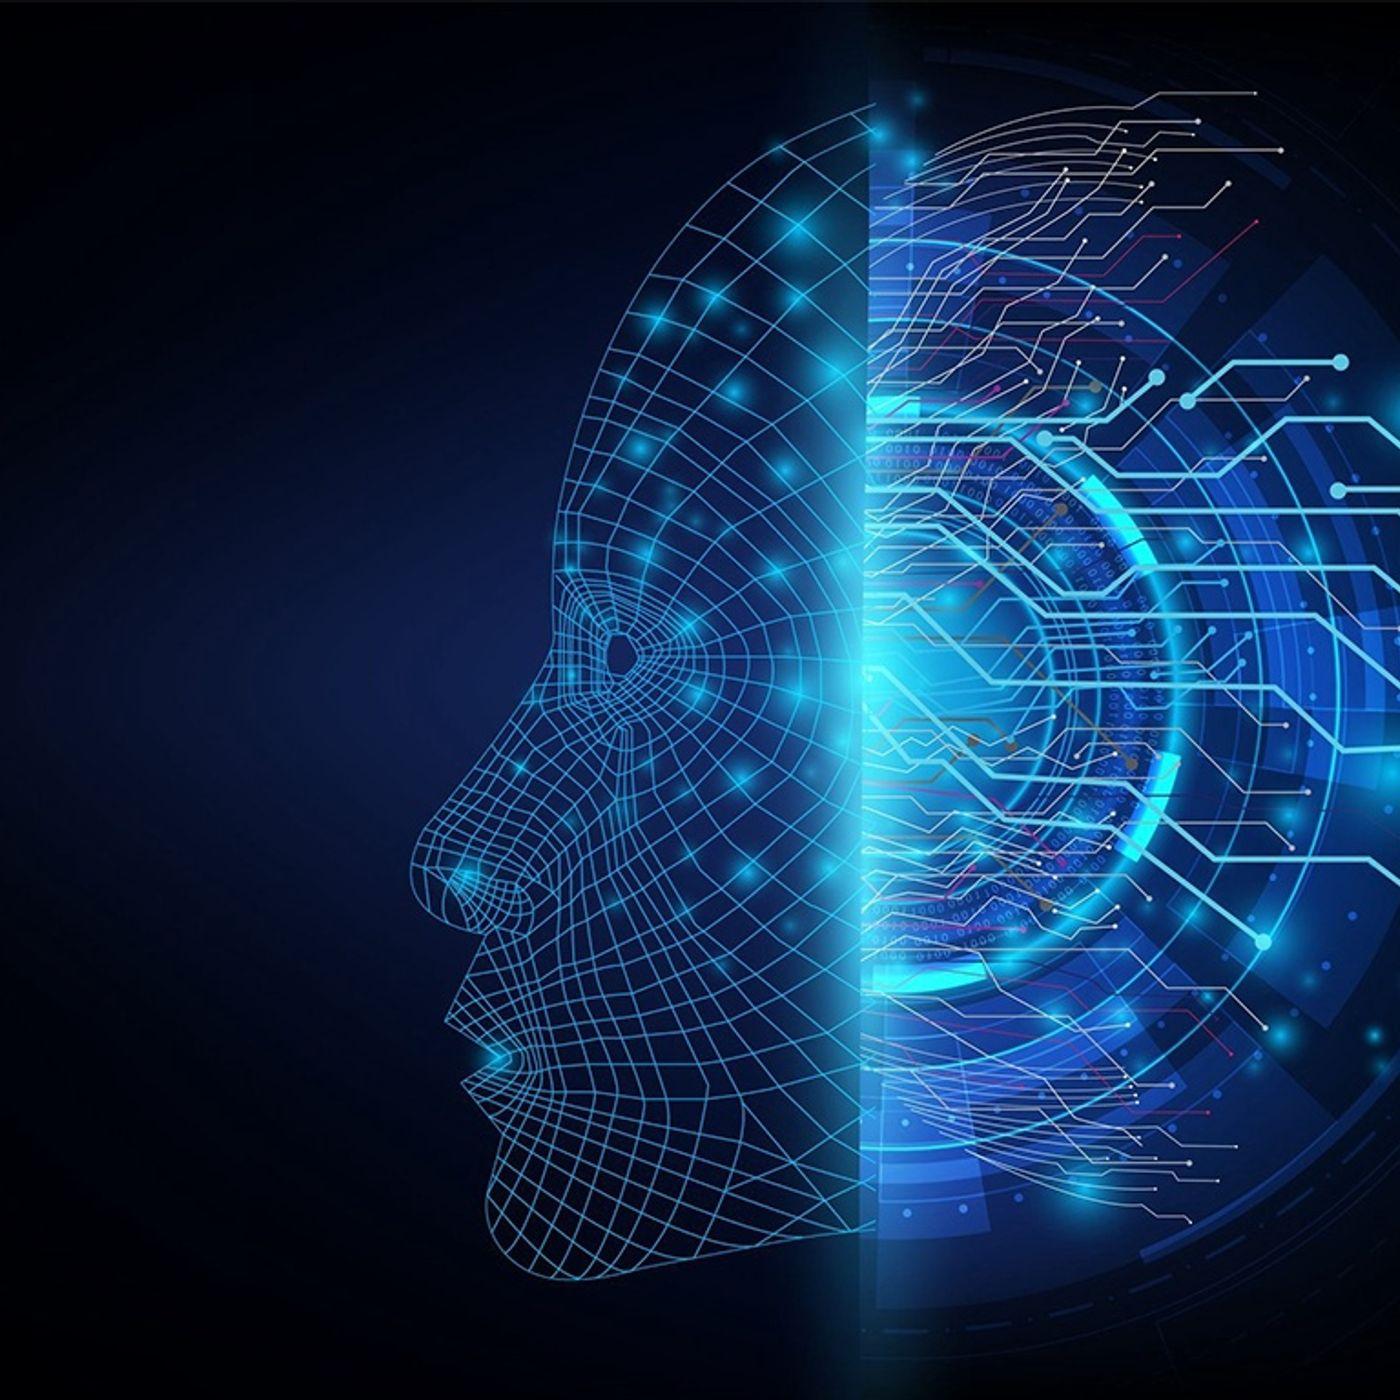 RADIO ANTARES VISION - L'intelligenza artificiale continua la sua crescita